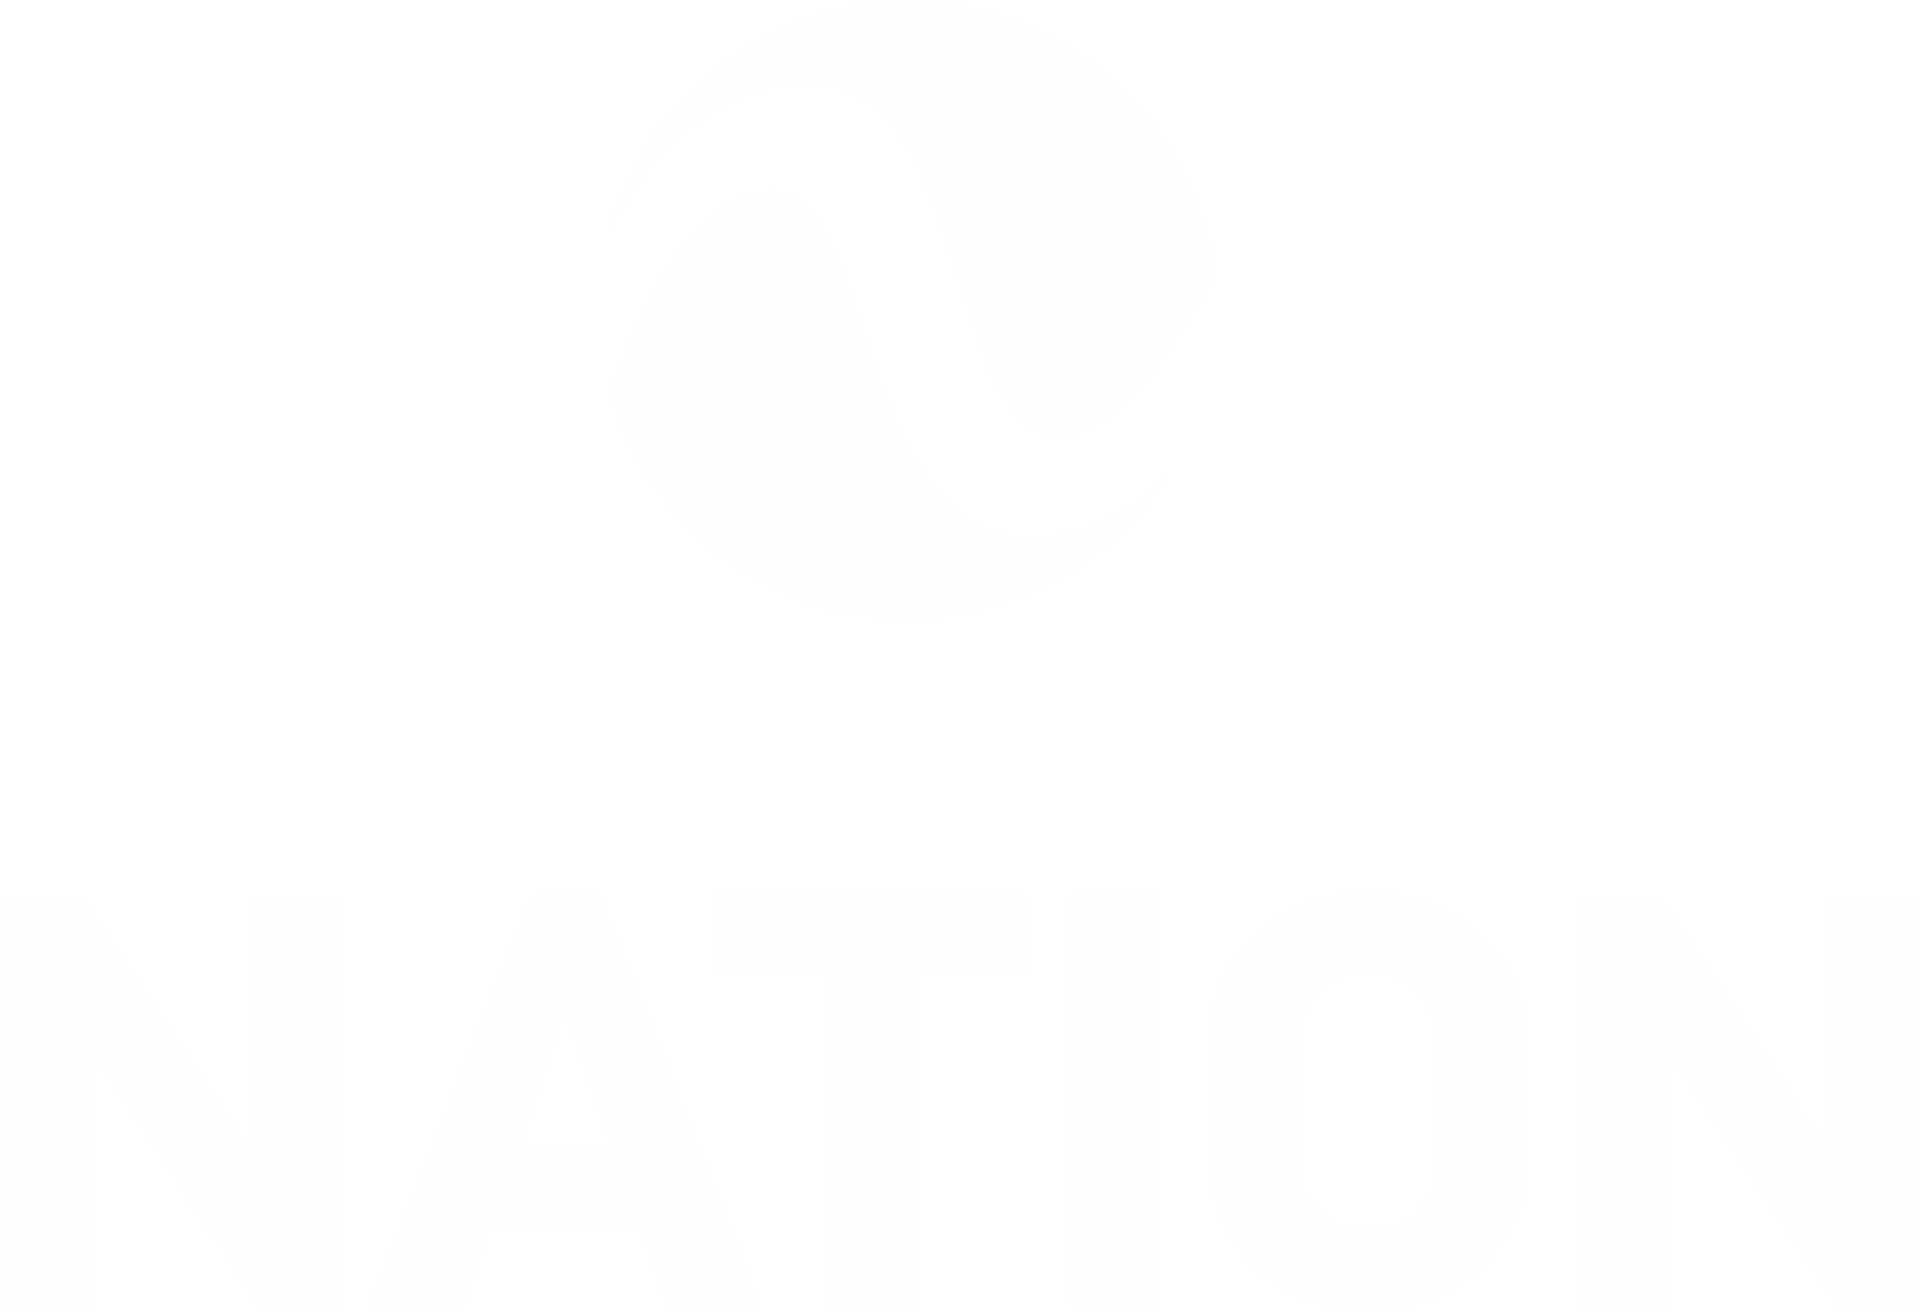 Nation Repuestos - Concesionario Oficial Peugeot, Citroën, DFSK y Chery